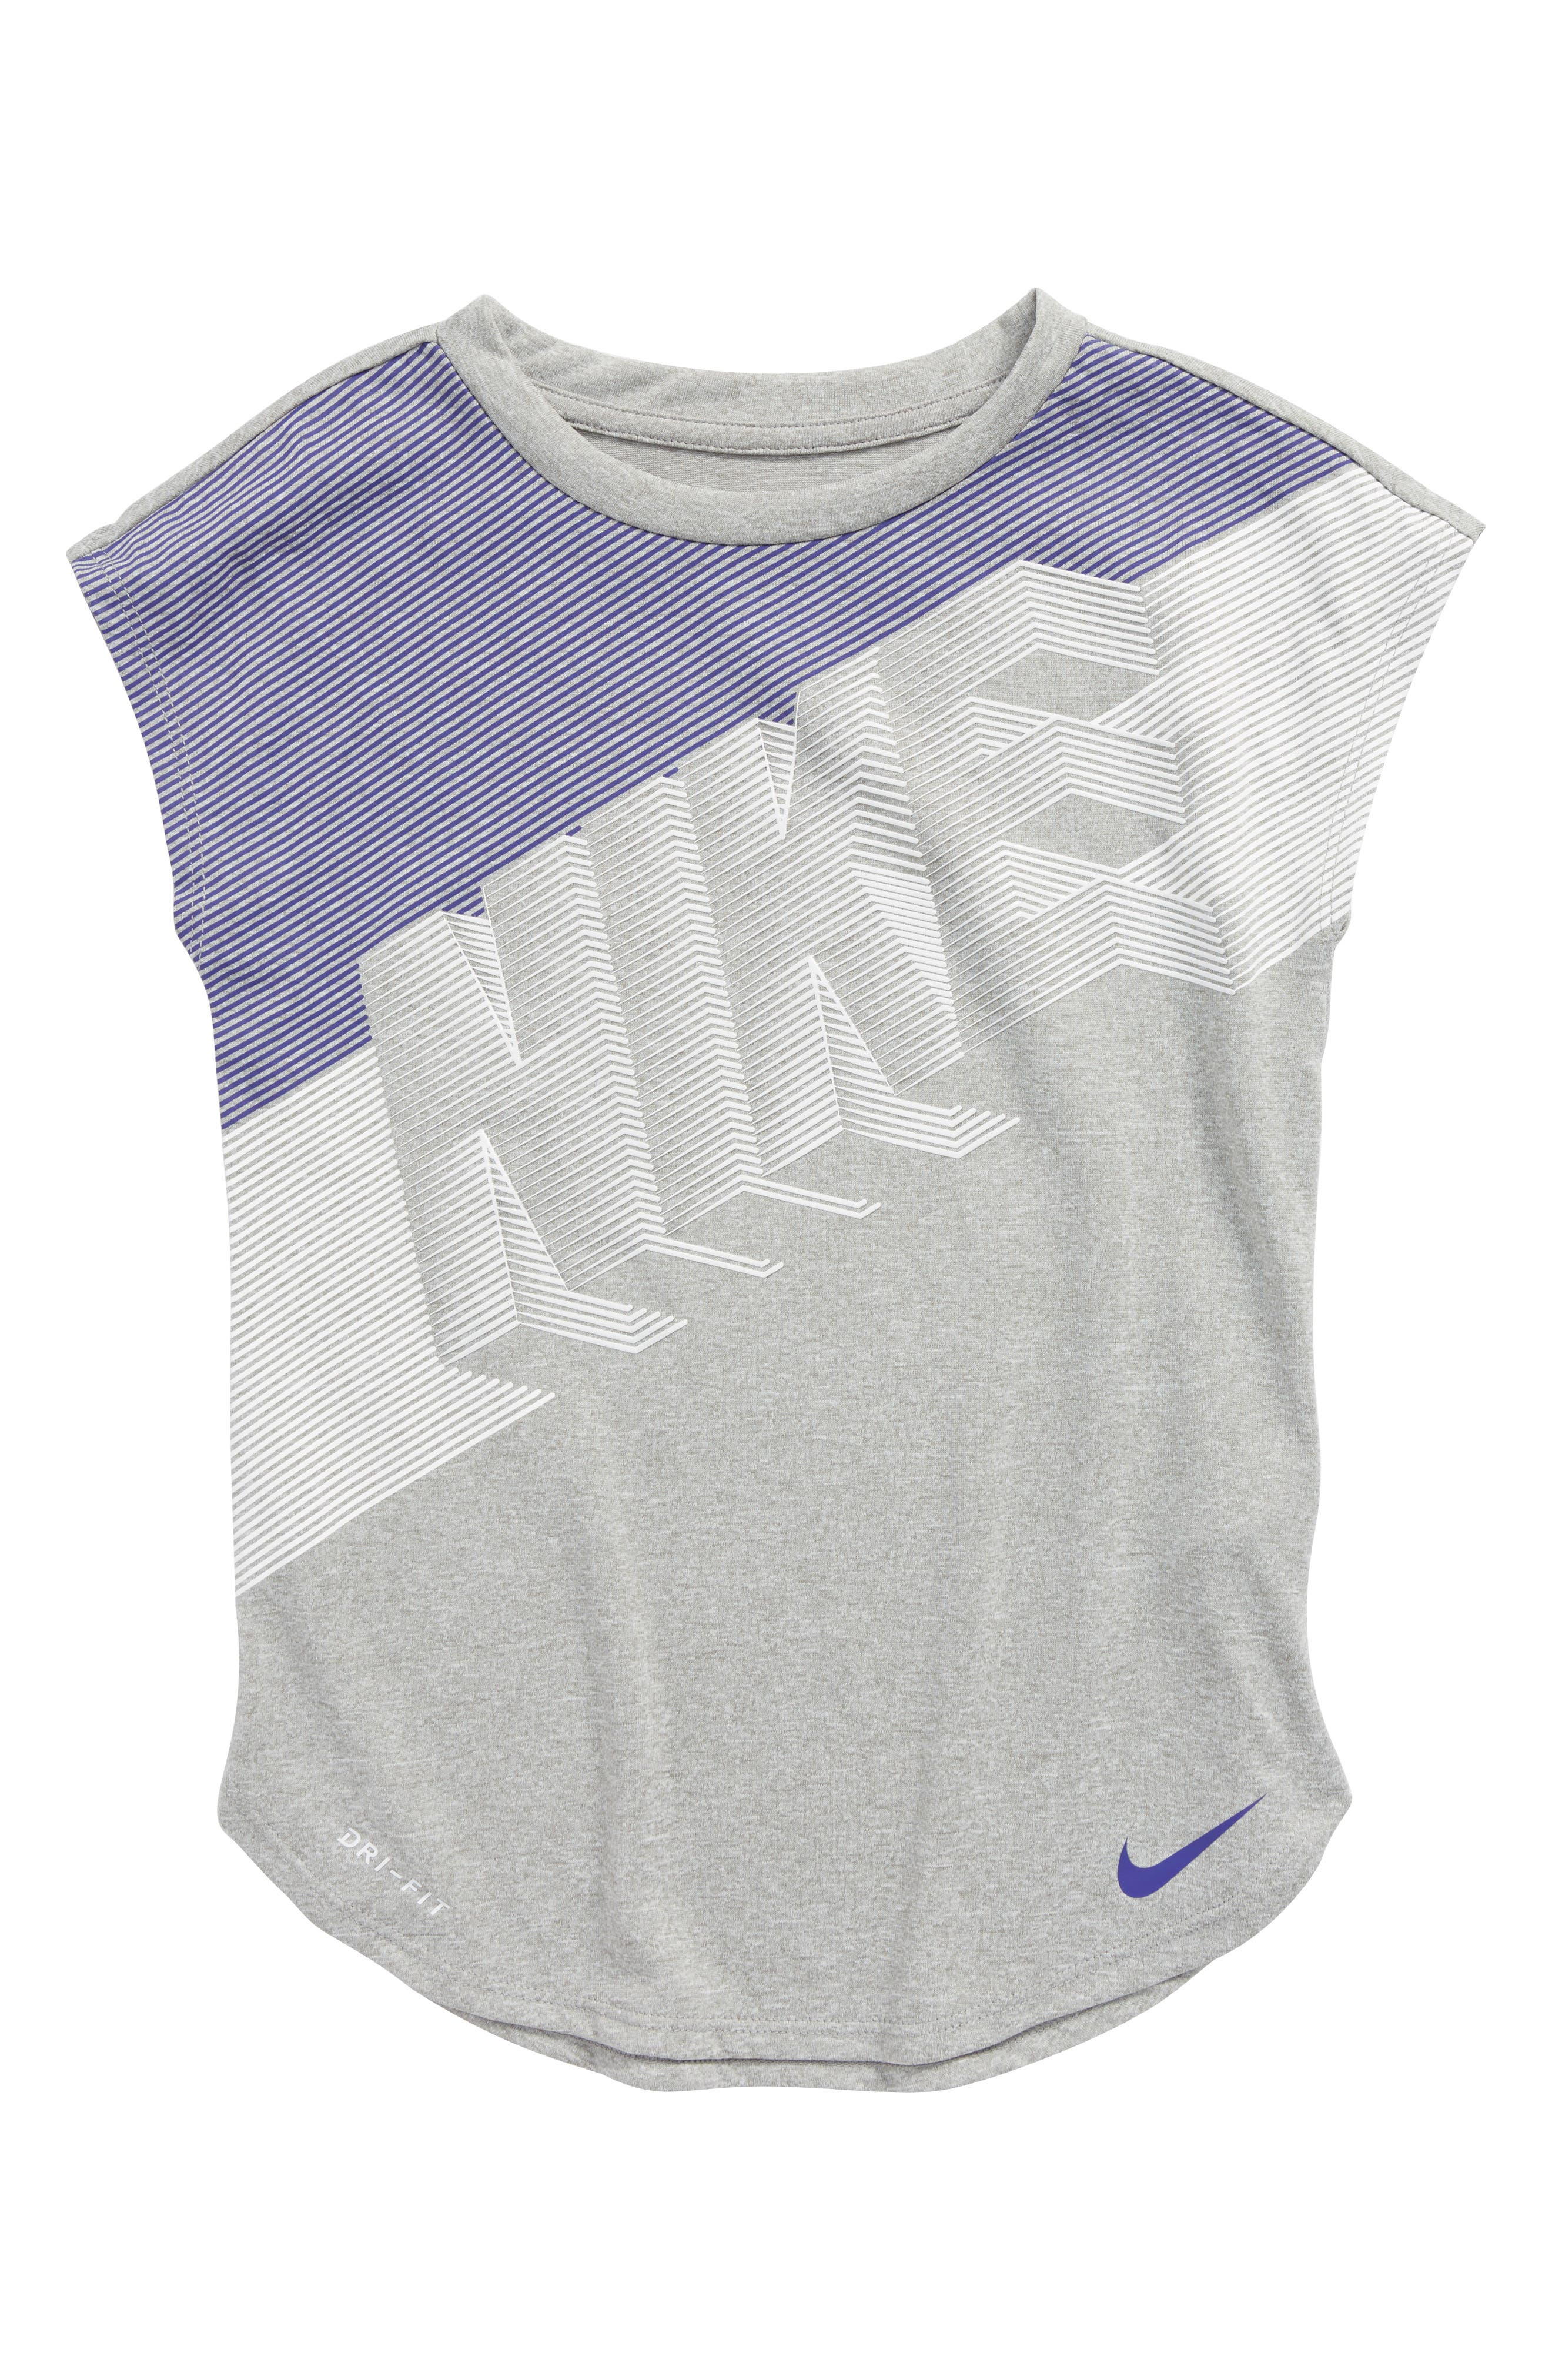 Alternate Image 1 Selected - Nike Faust Block Logo Dry Tee (Toddler Girls & Little Girls)